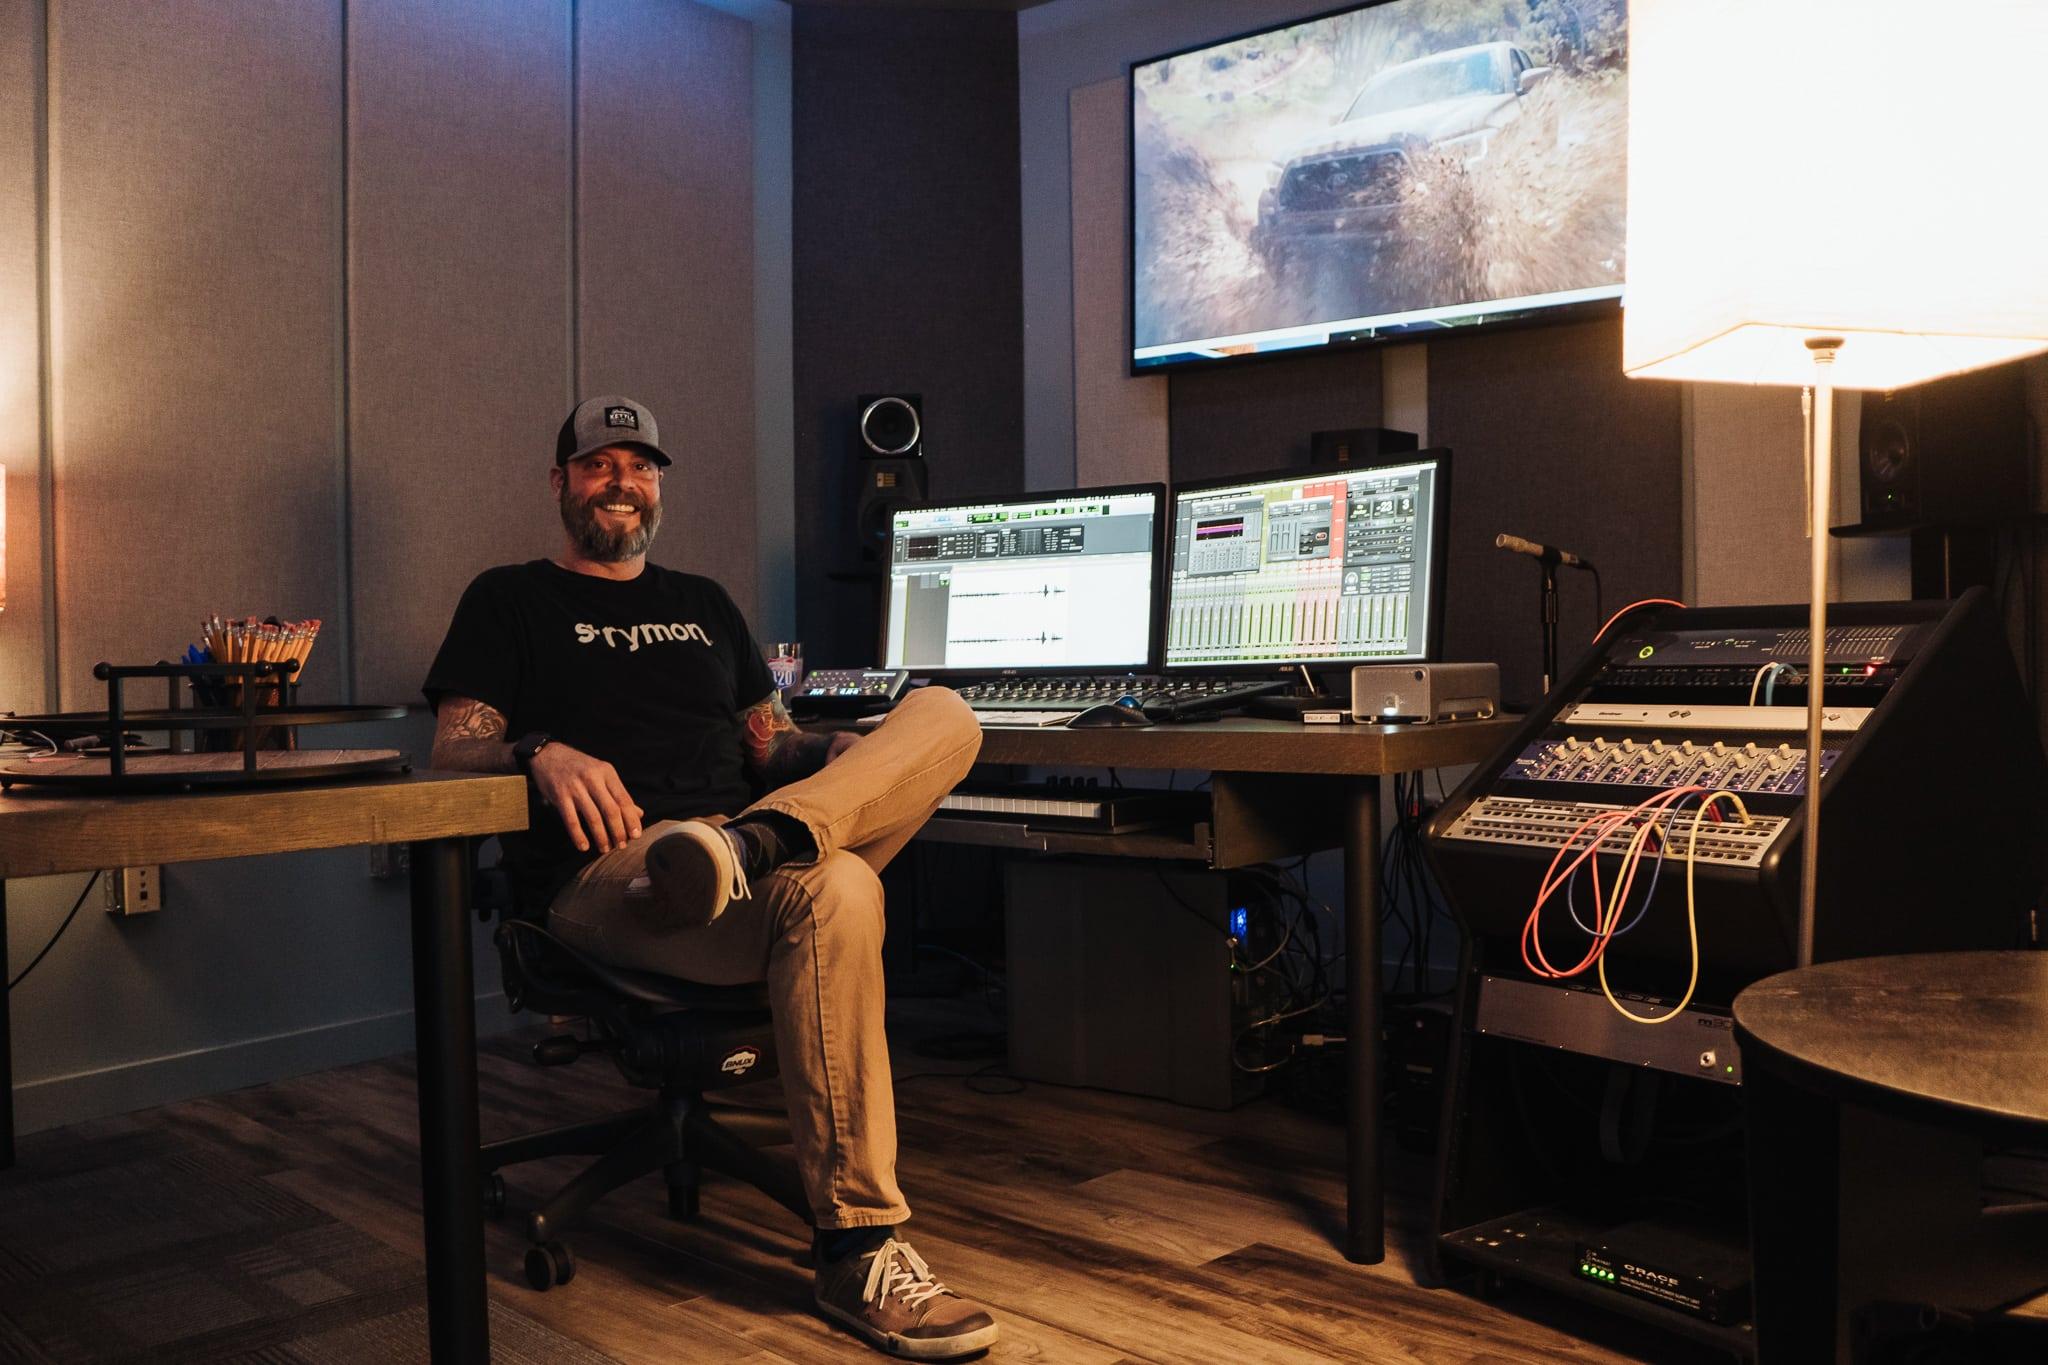 adr recording, adr mixing, adr dubbing, adr recording atlanta, adr mixing atlanta